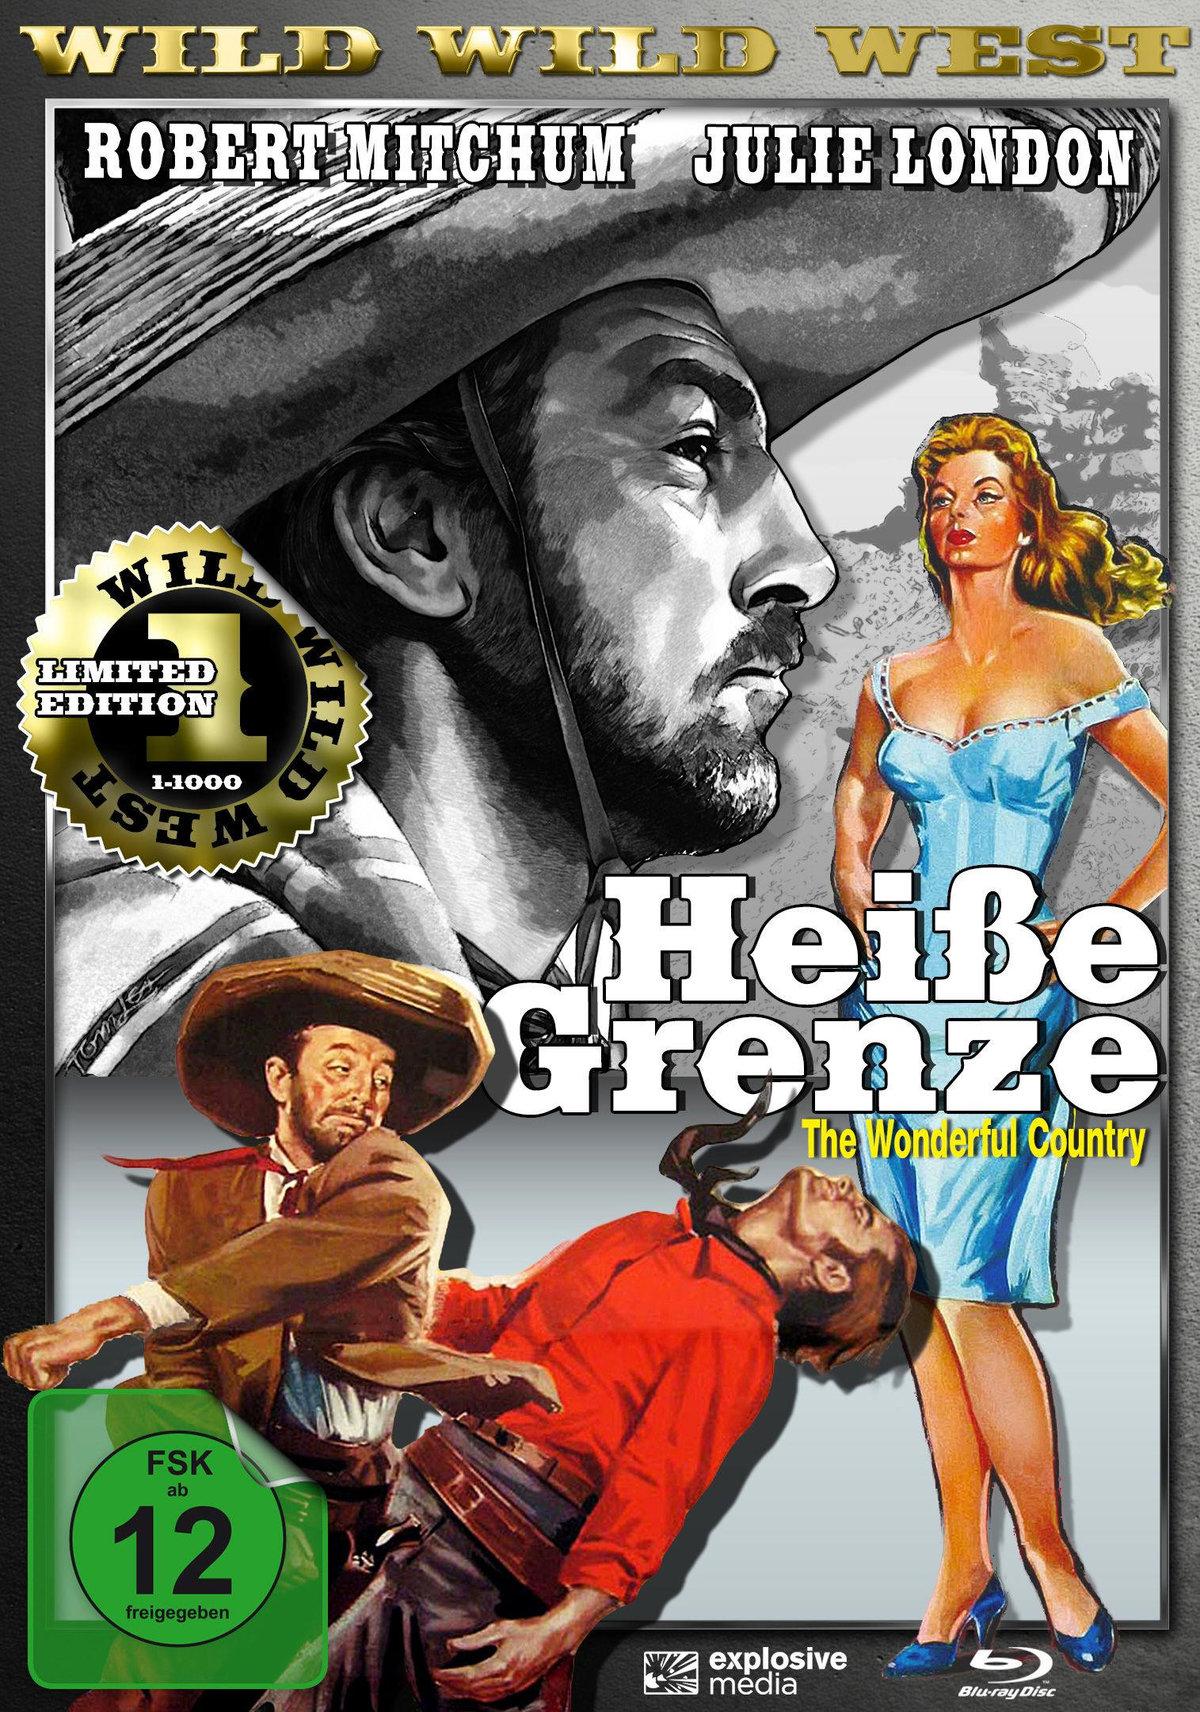 Heisse Grenze (1959) - (Wild Wild West, Limited Edition, Blu-ray & DVD)